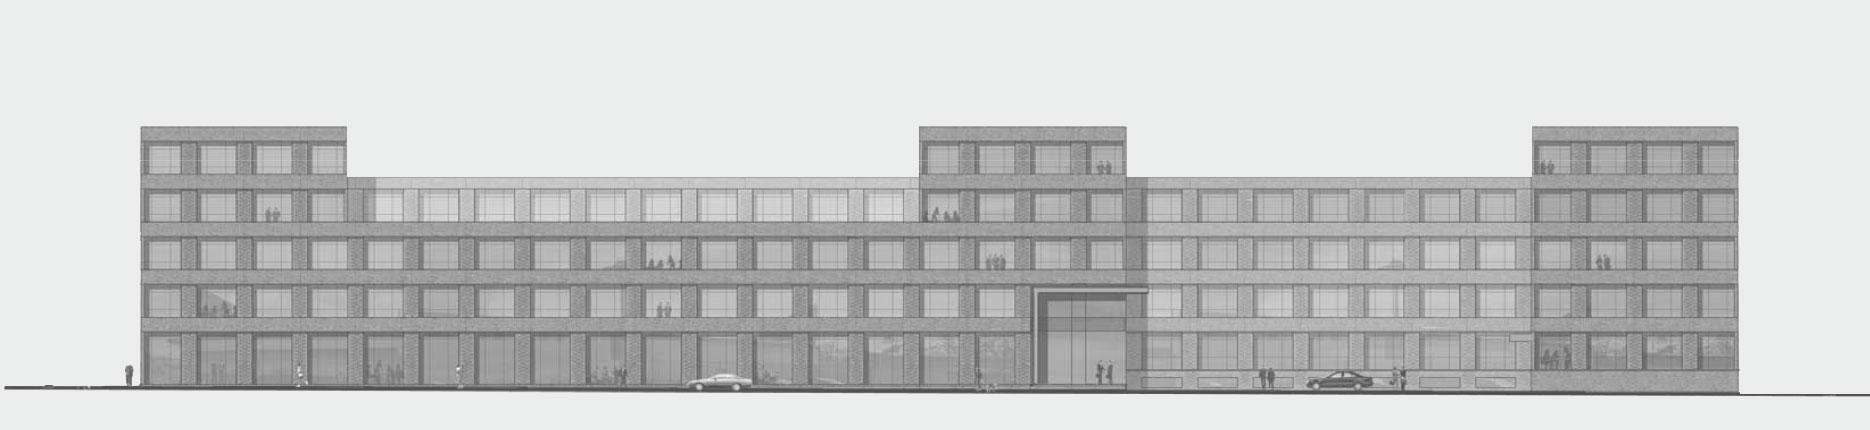 Architekturzeichnung - Diese Zeichnung zeigt ein Bauprojekt für Kapitalanleger in Hamburg Altona – KühneVision